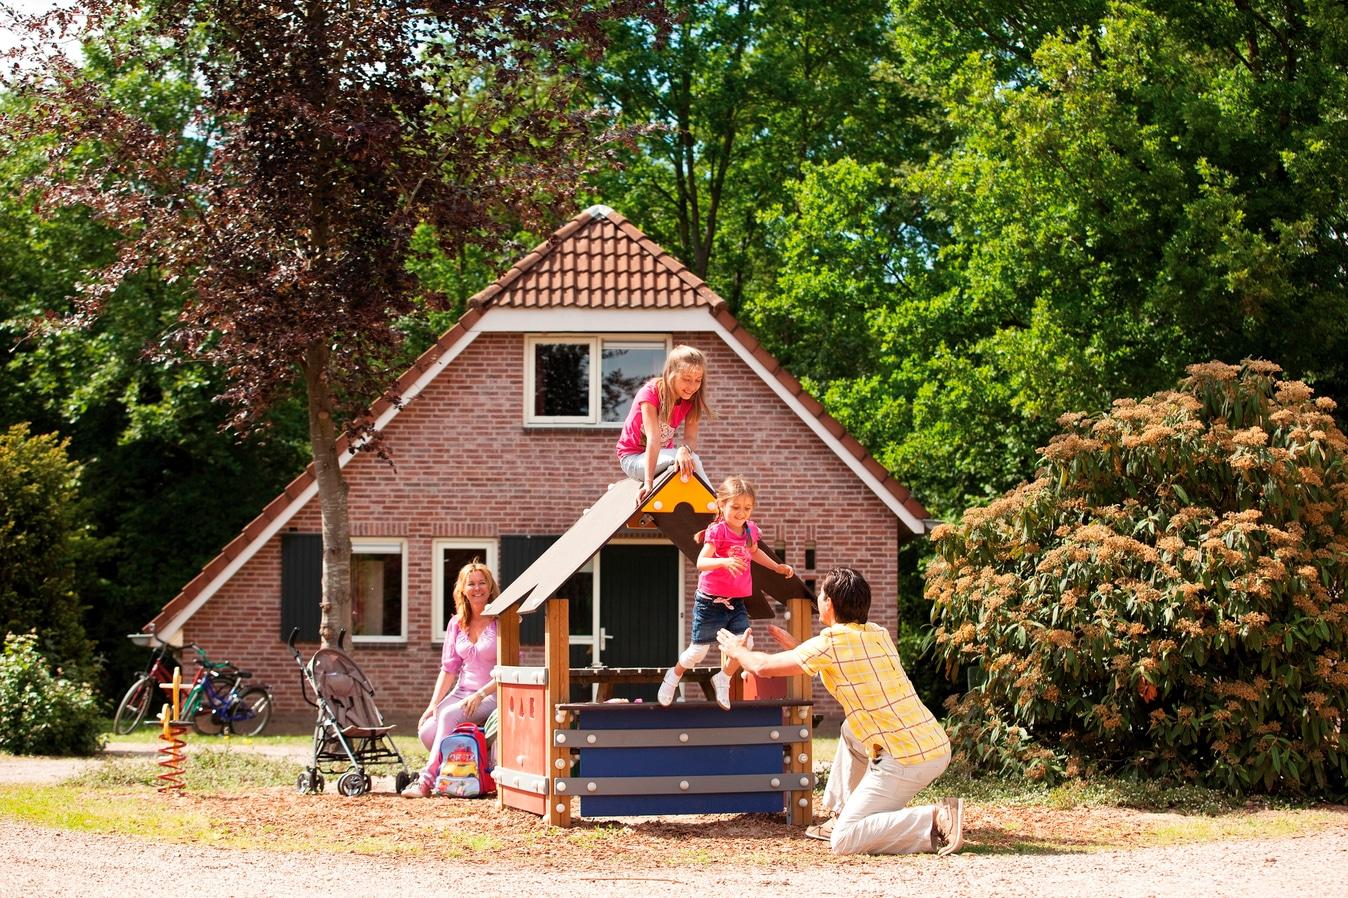 Stroombroek bungalow